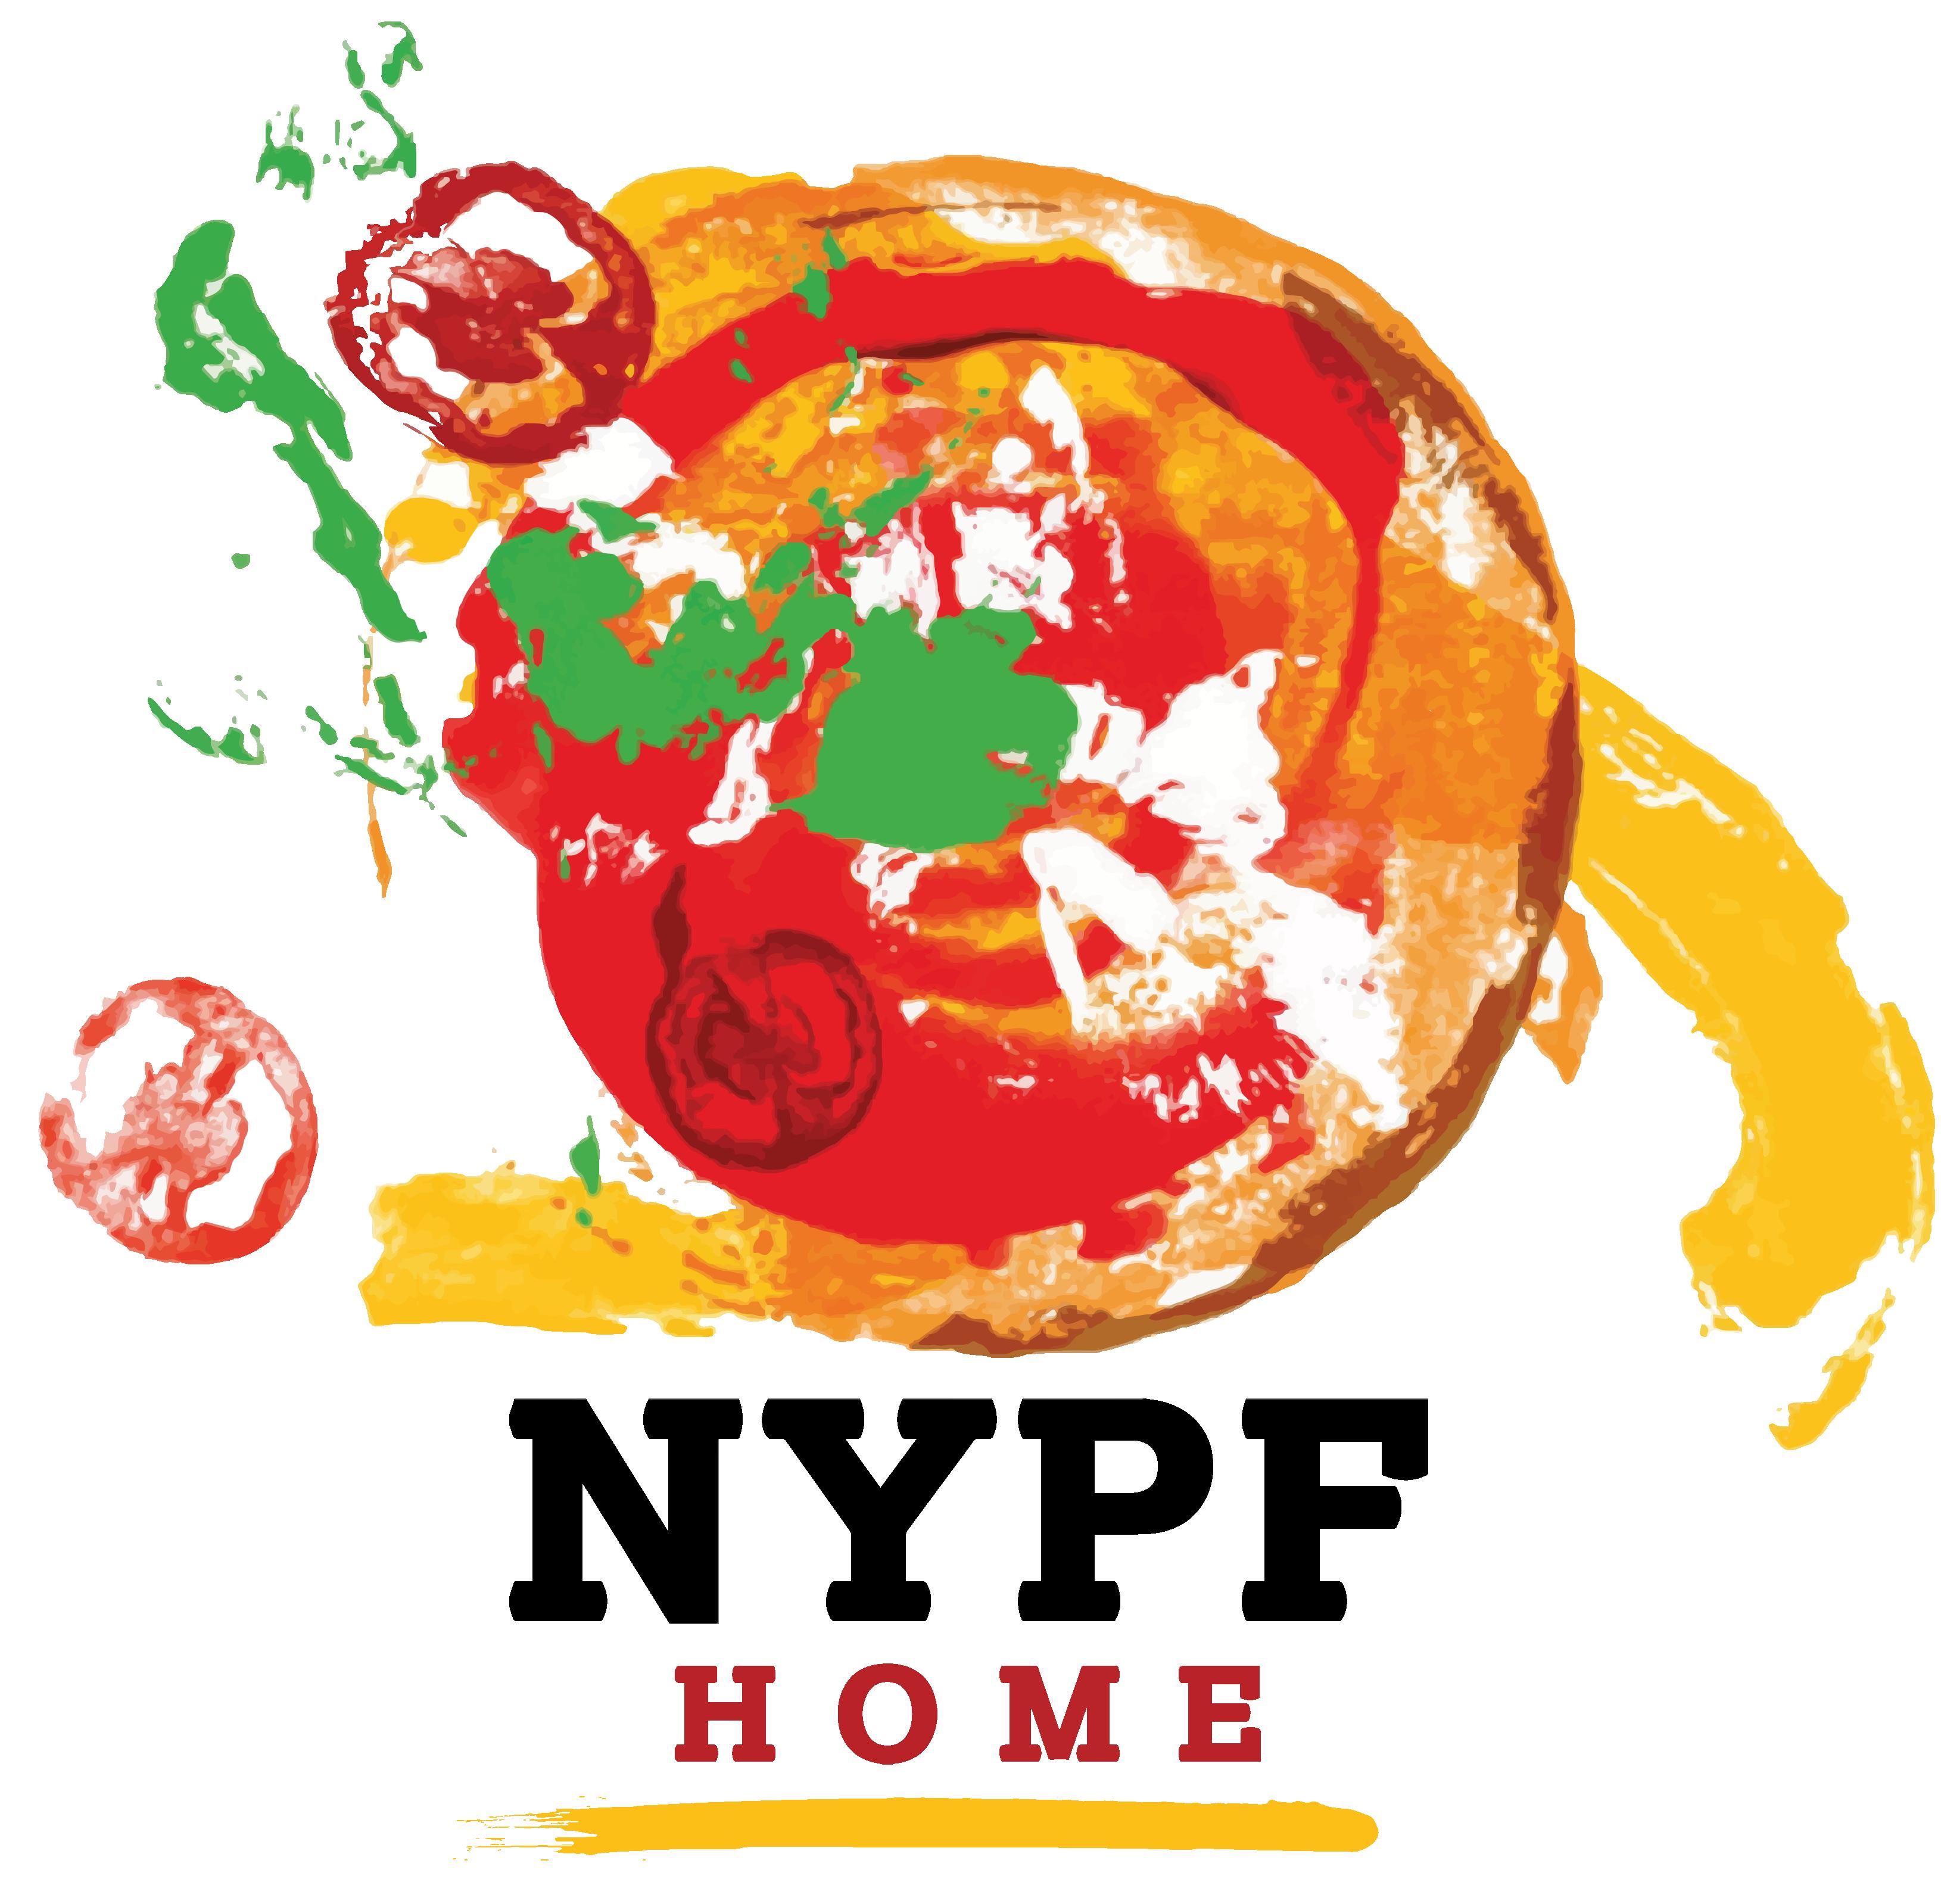 NYPF_home_RGB